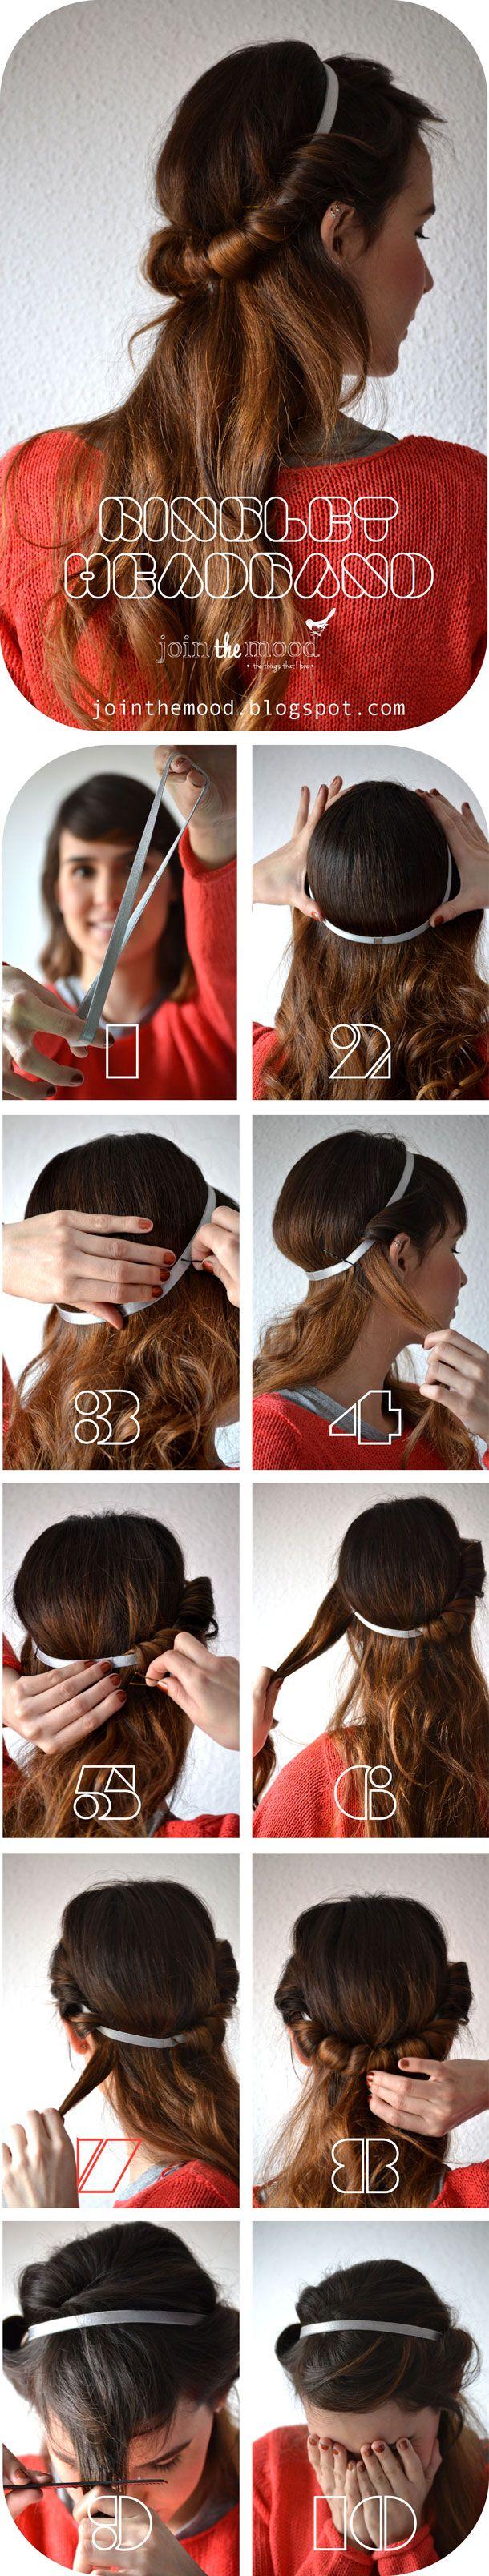 Apimentar seus penteados com acessório elegante: tutoriais de cabelo